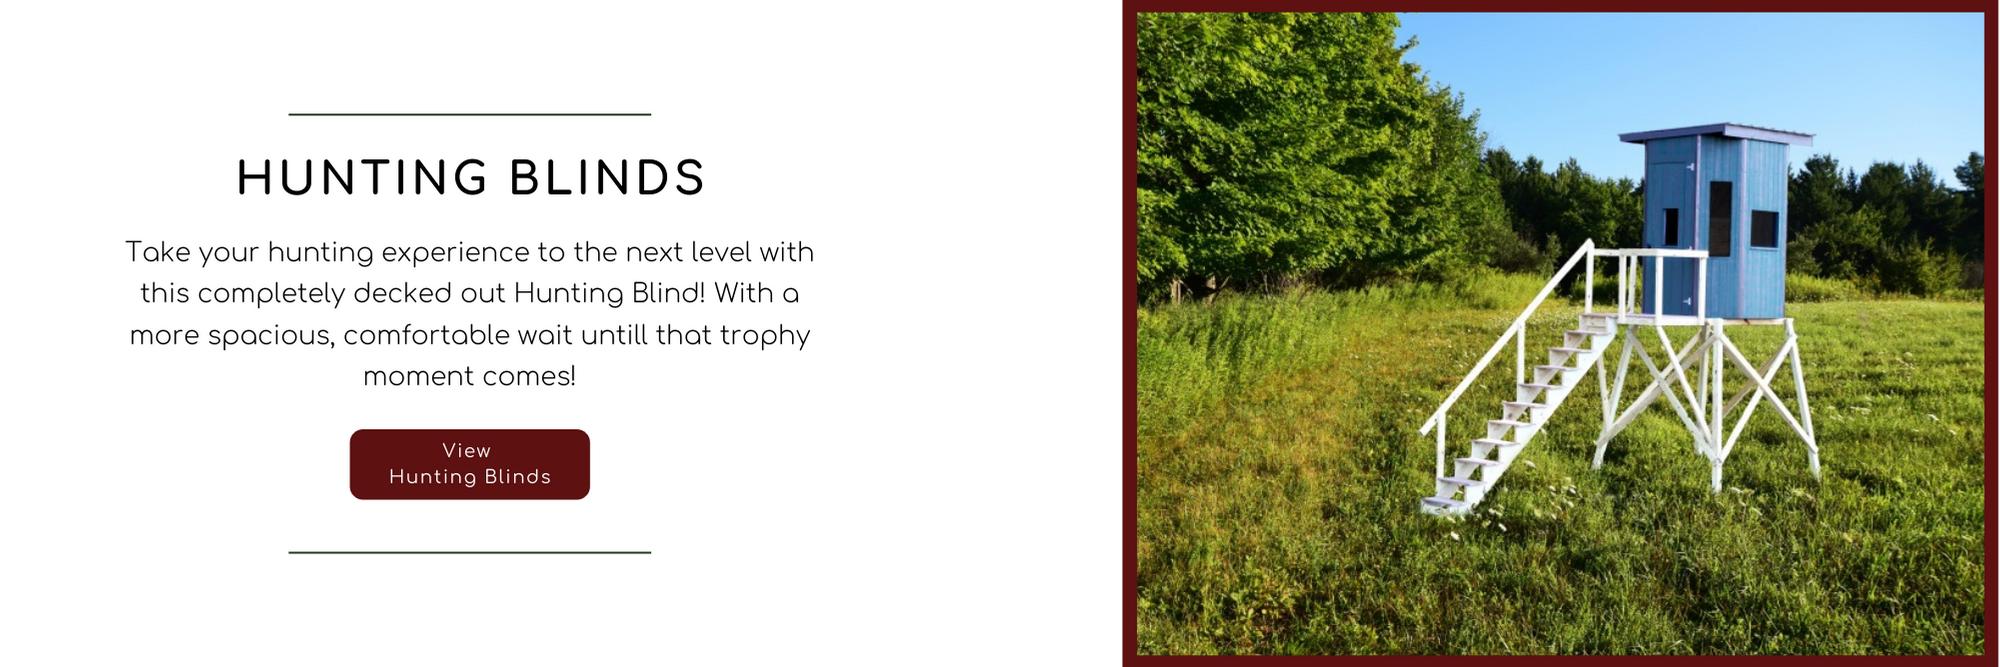 hunting-blinds-web-liner.png